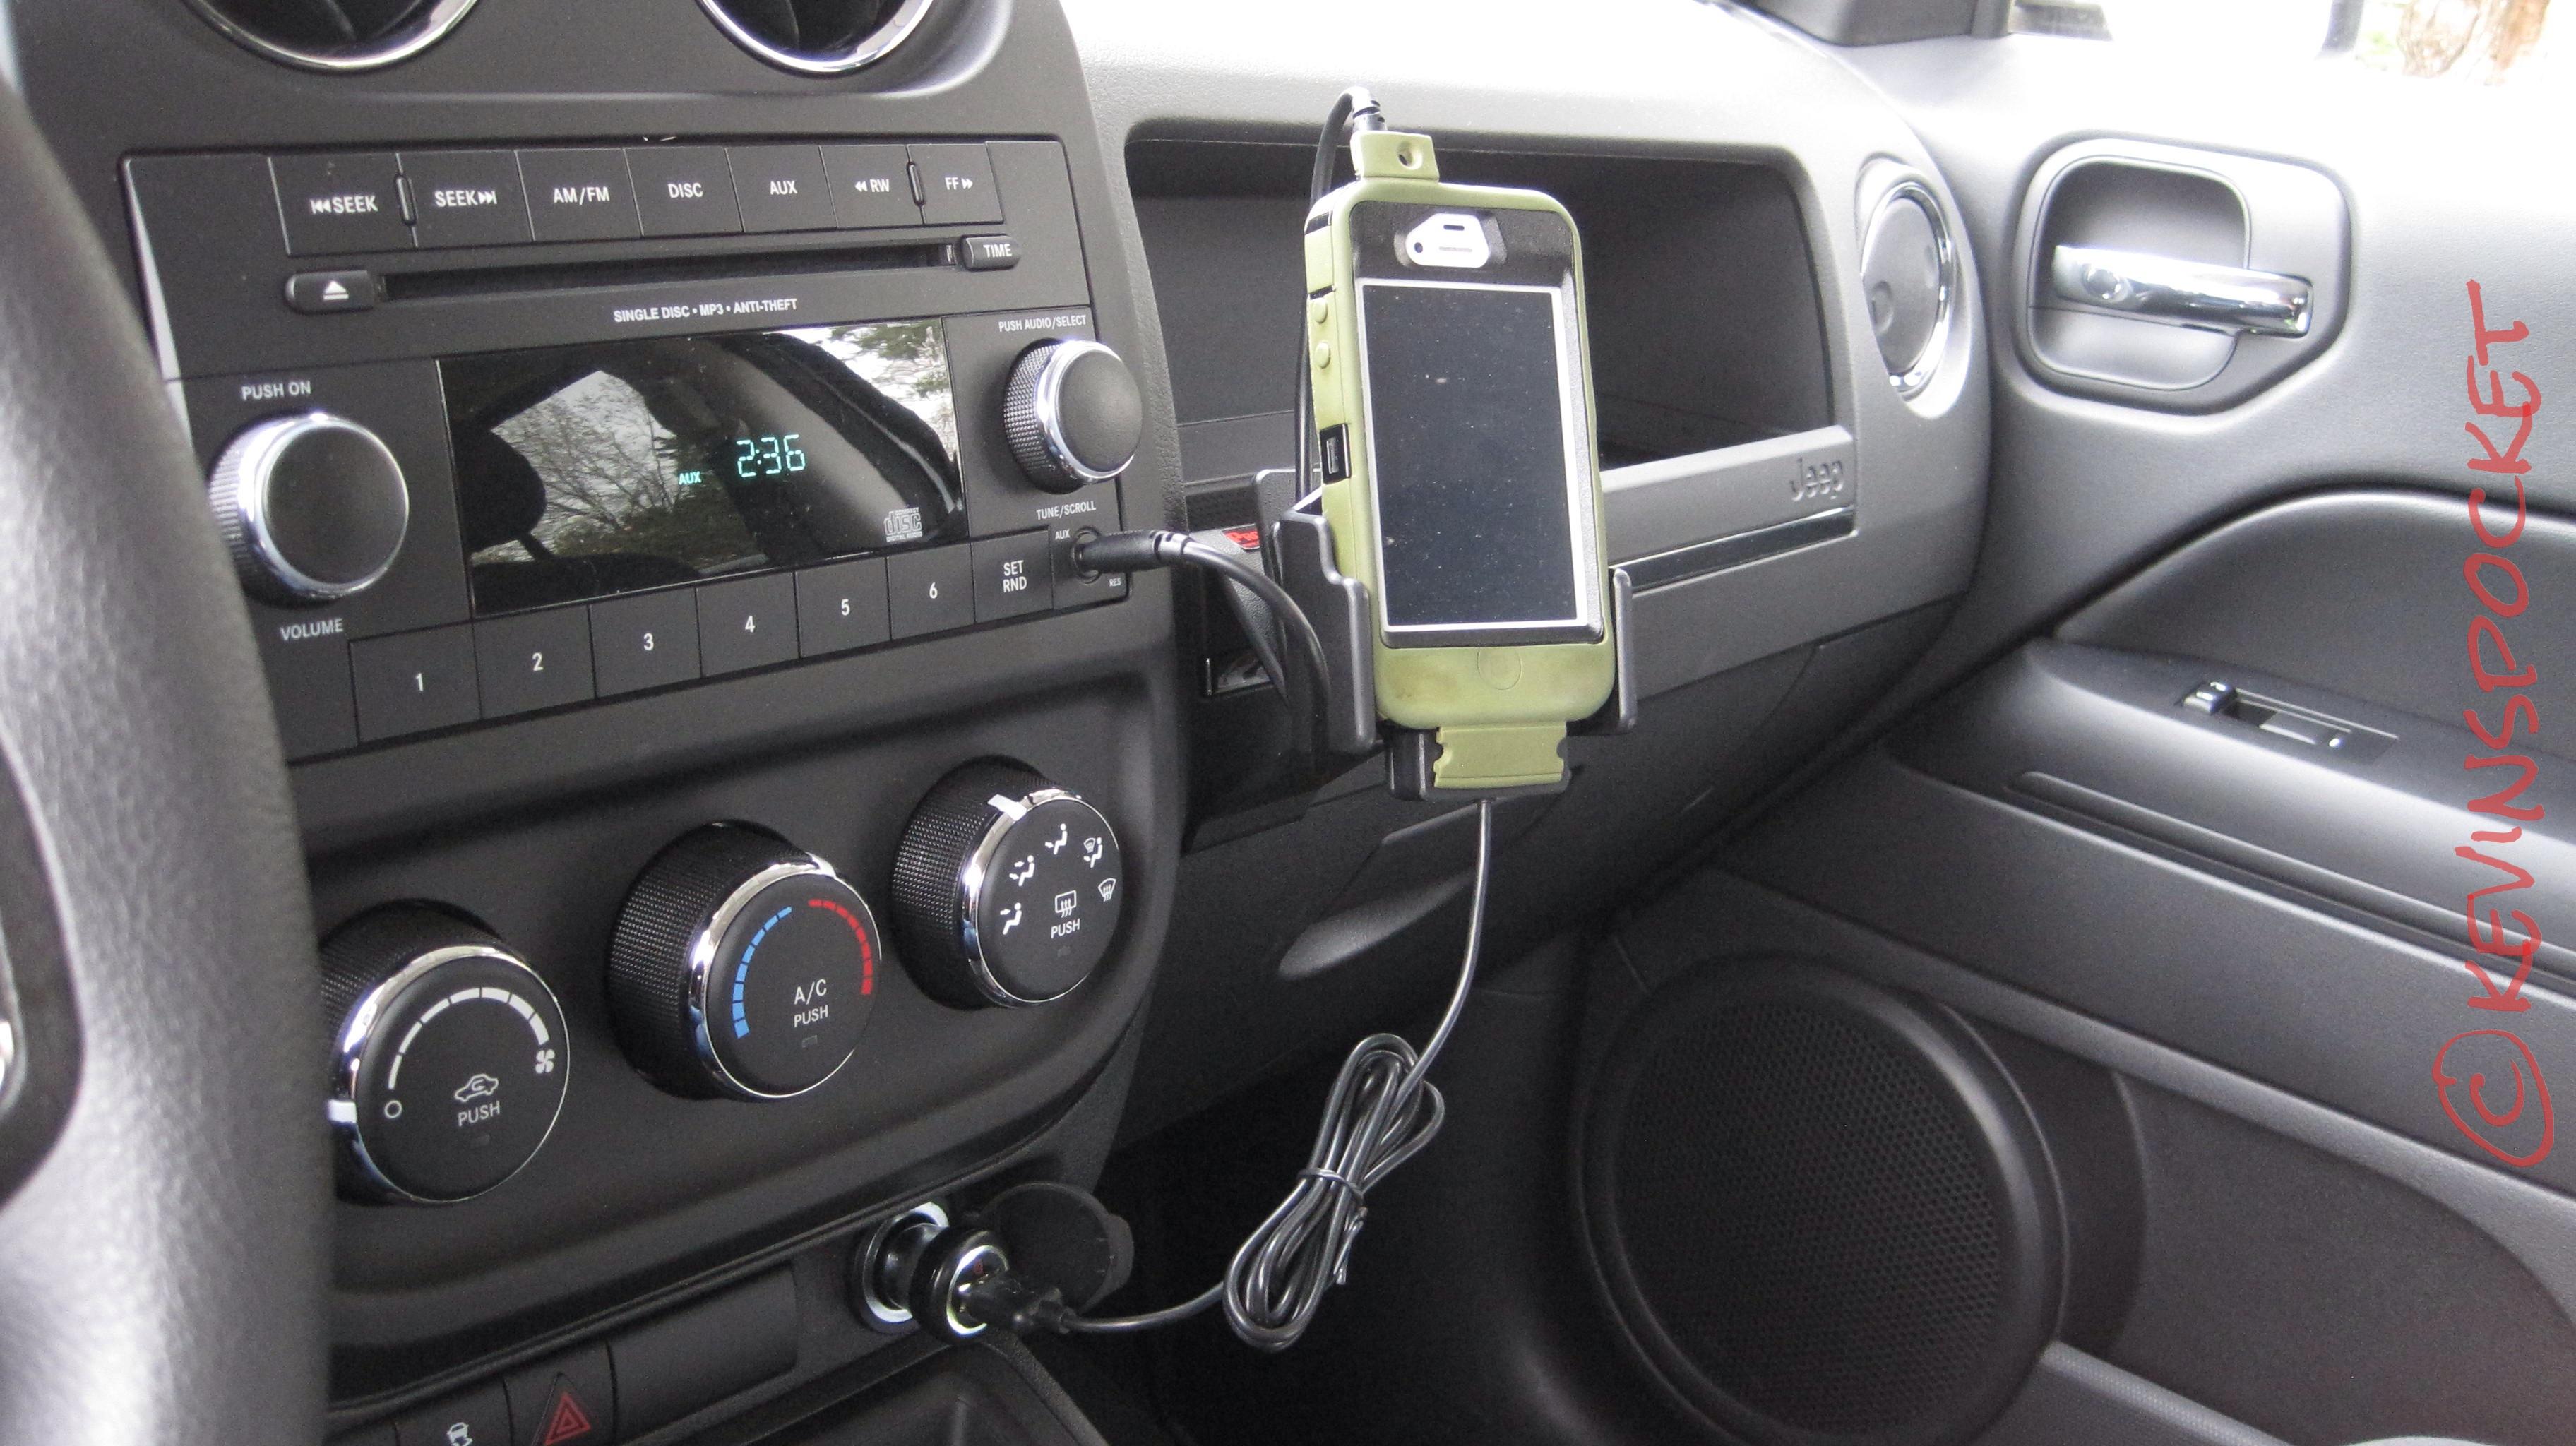 Magnetic car holder charger 17